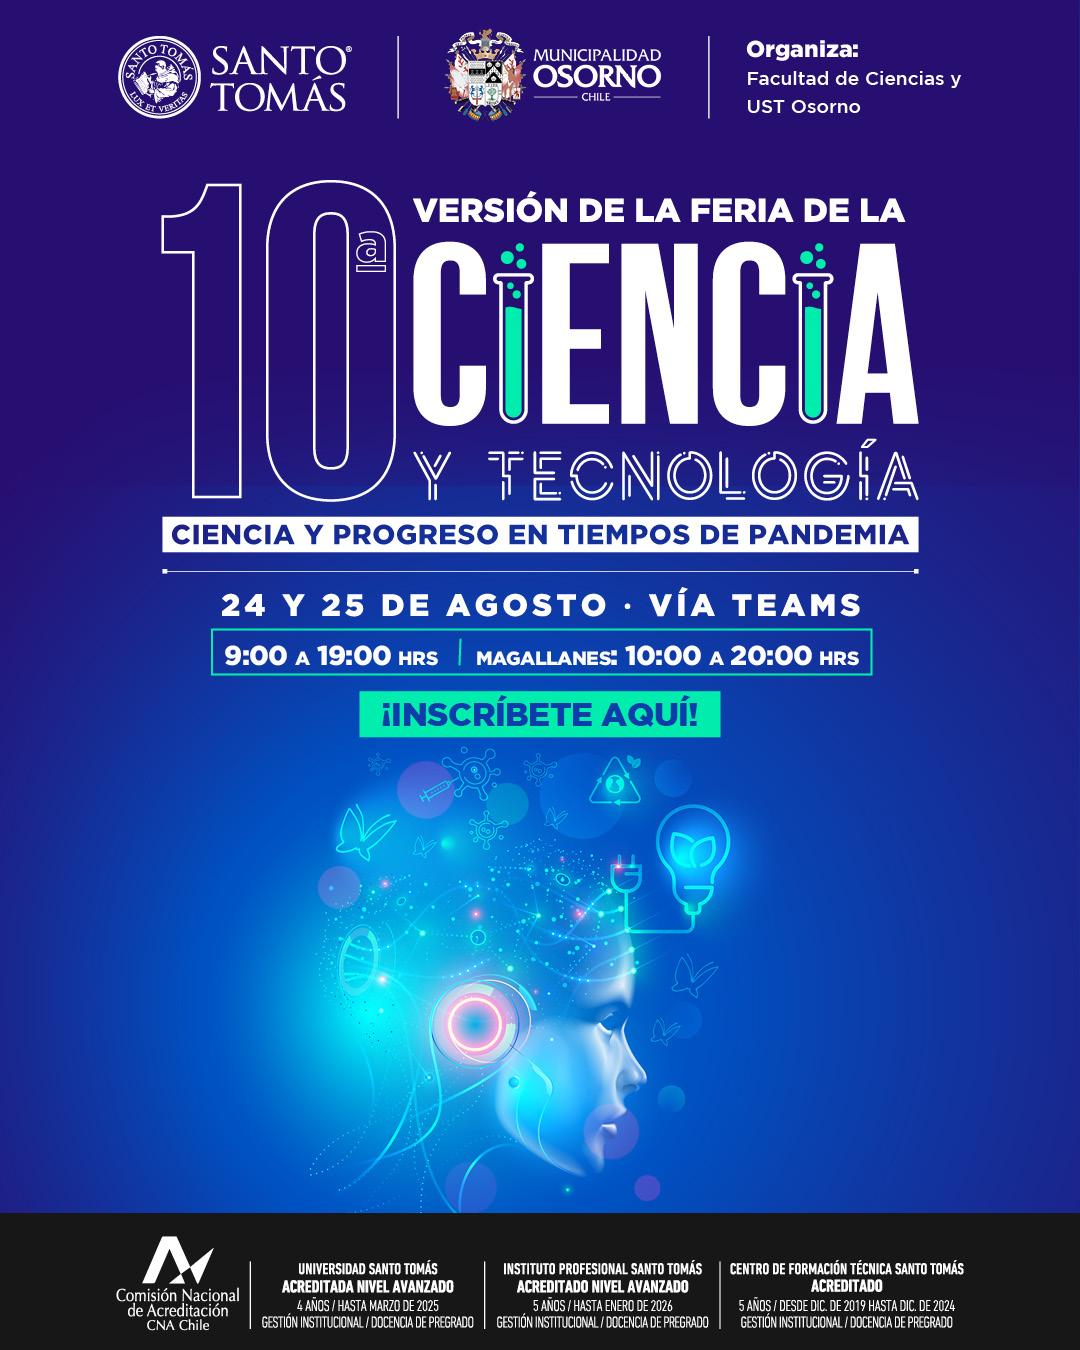 Universidad Santo Tomás Osorno invita a participar de 10° Feria de la Ciencia y Tecnología este martes 24 de agosto